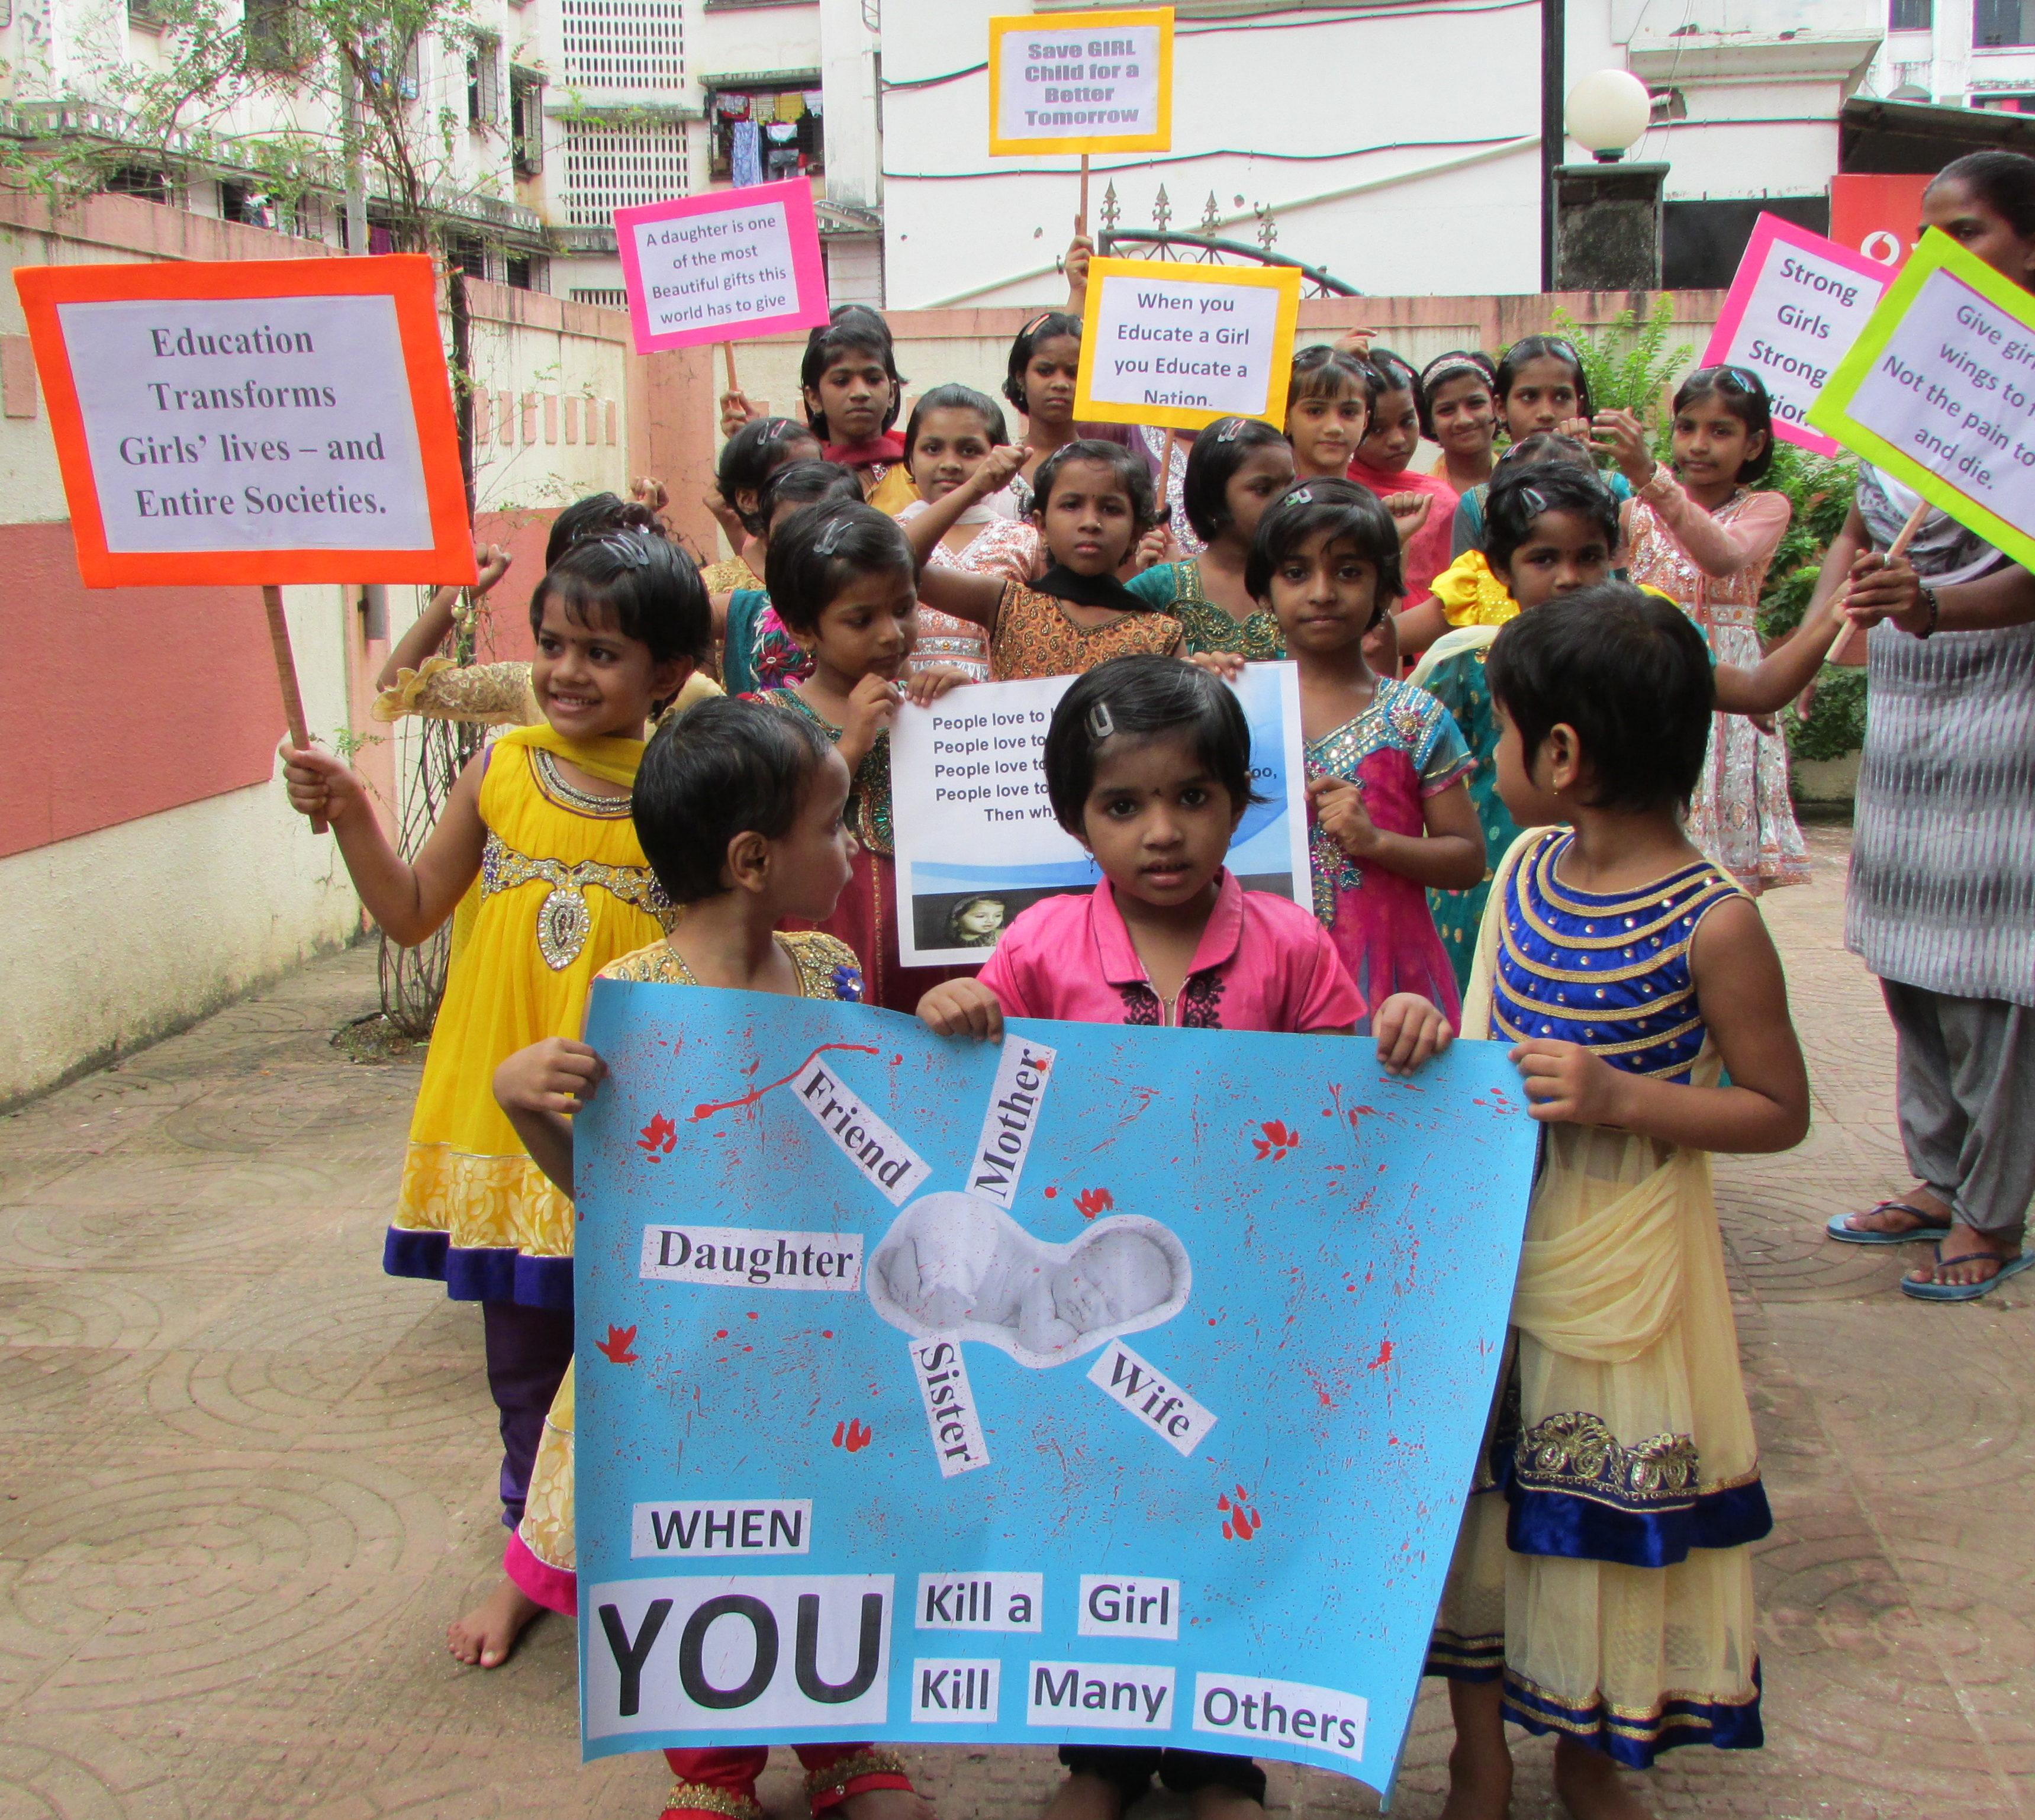 Eine Mädchengruppe demonstriert gegen die Tötung von Mädchen in Indien. (Quelle: Kindernothilfe-Partner)